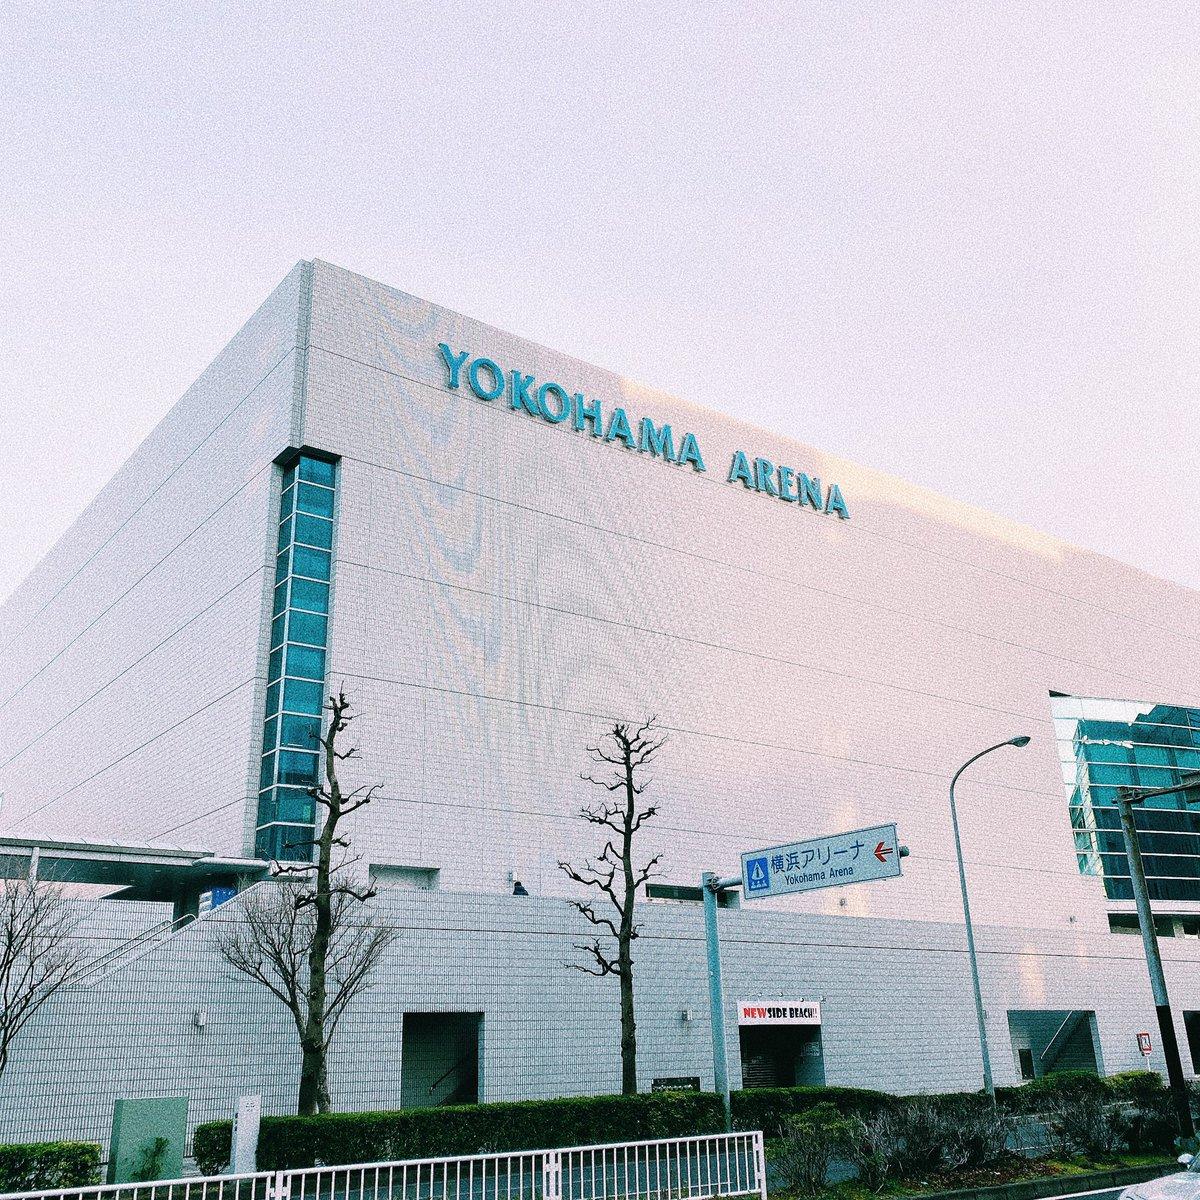 米津玄師 2020 TOUR / HYPE横浜アリーナ初日、ありがとうございました。みなさんの熱量が響き渡って素敵でした⚡️